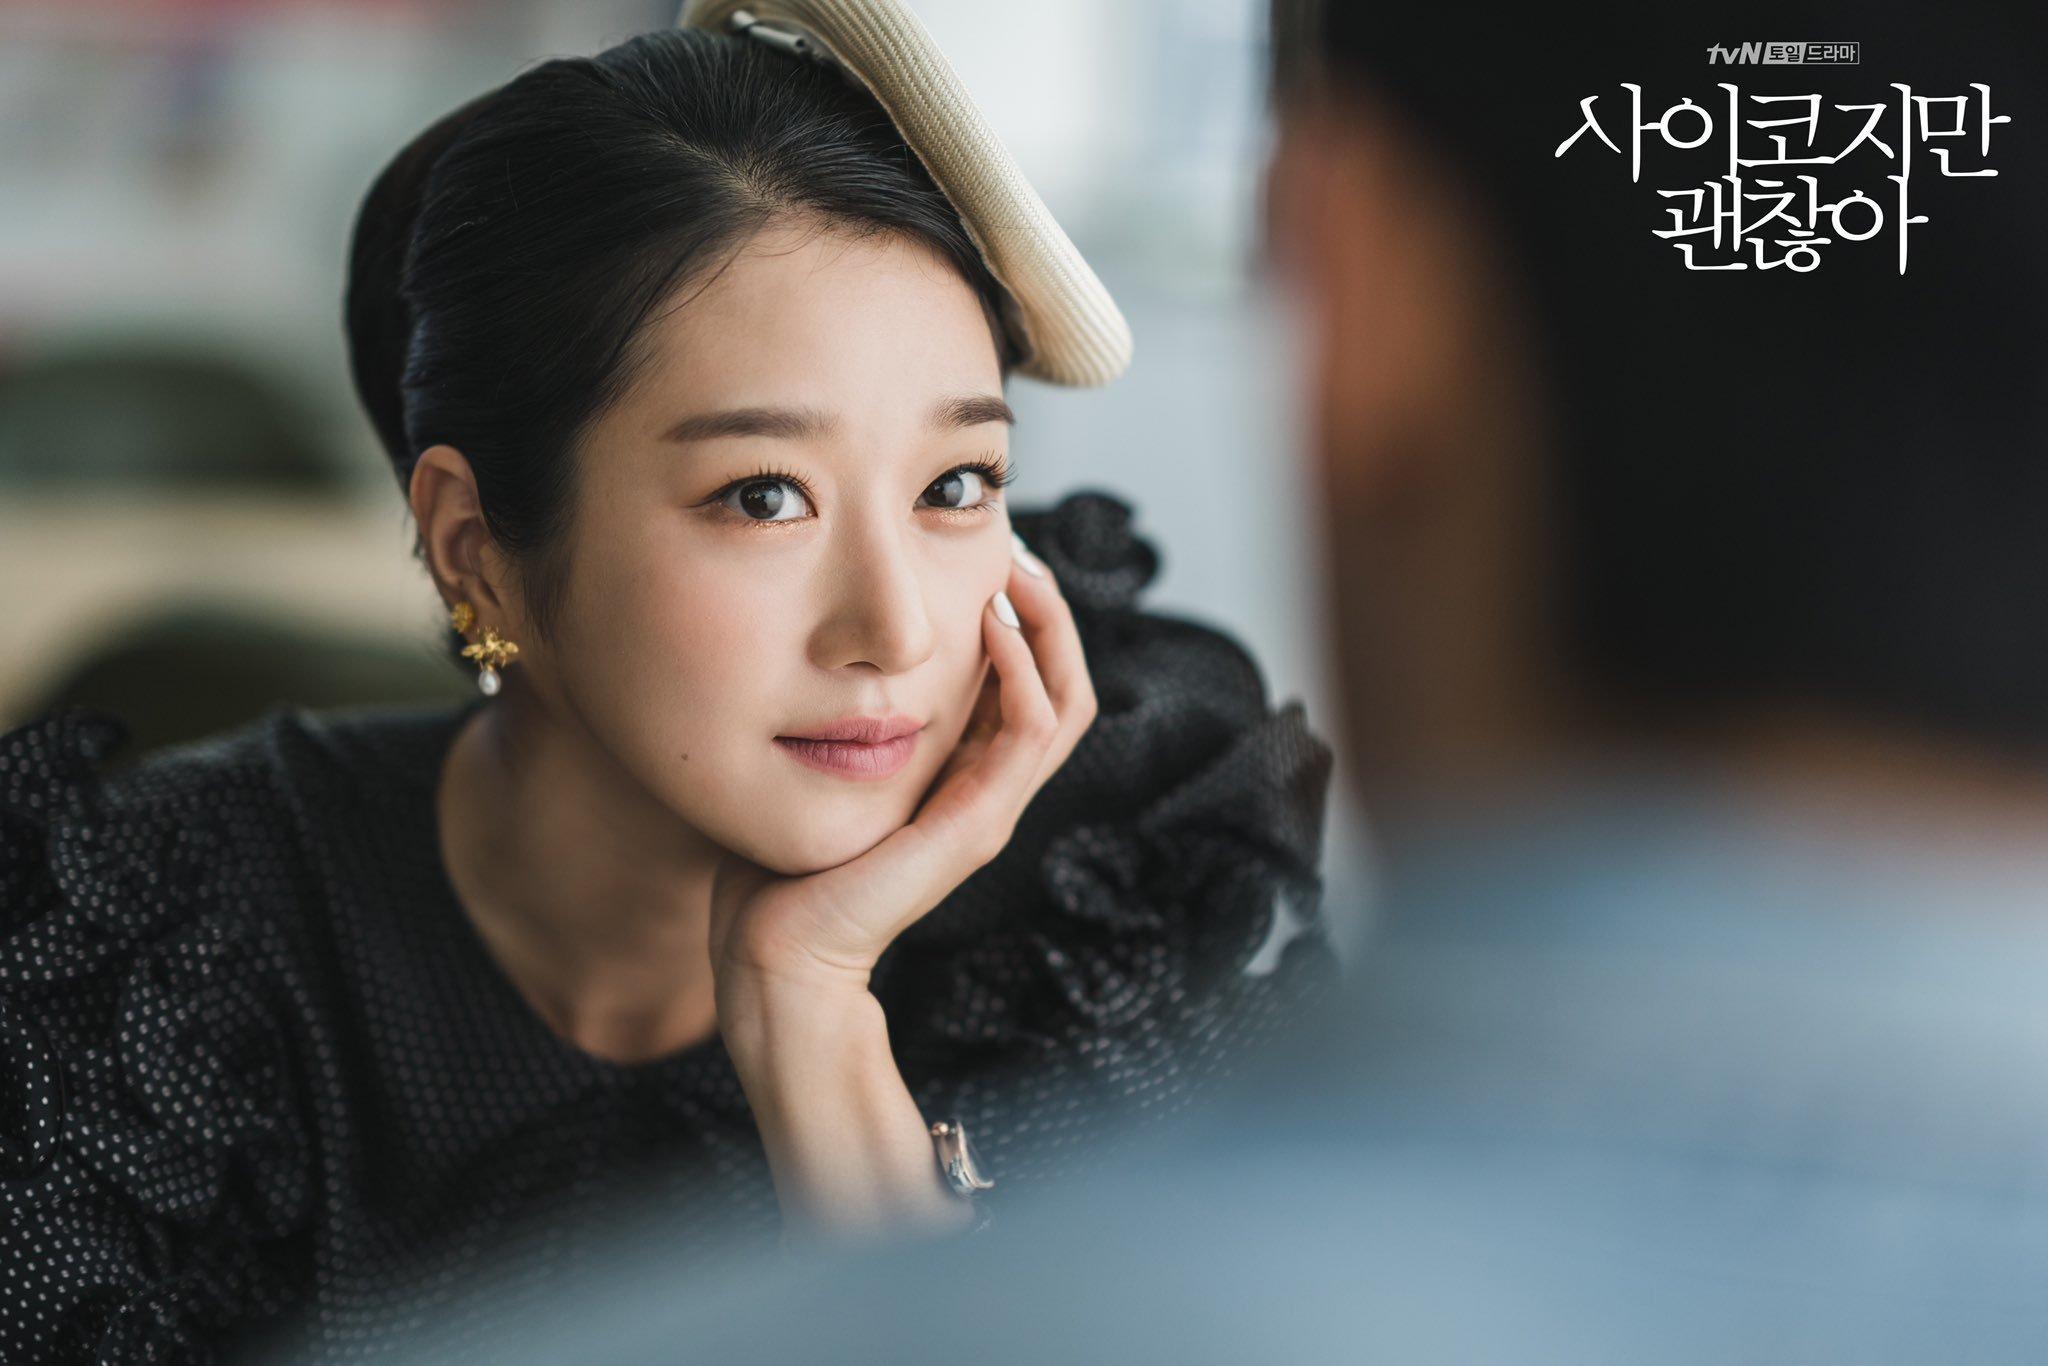 Nghiện cao gót đến mức mặc váy ngủ cũng phải đi, Seo Ye Ji có cả kho giày và đây là 8 đôi đẹp xuất chúng của cô trong 'Điên Thì Có Sao' 6